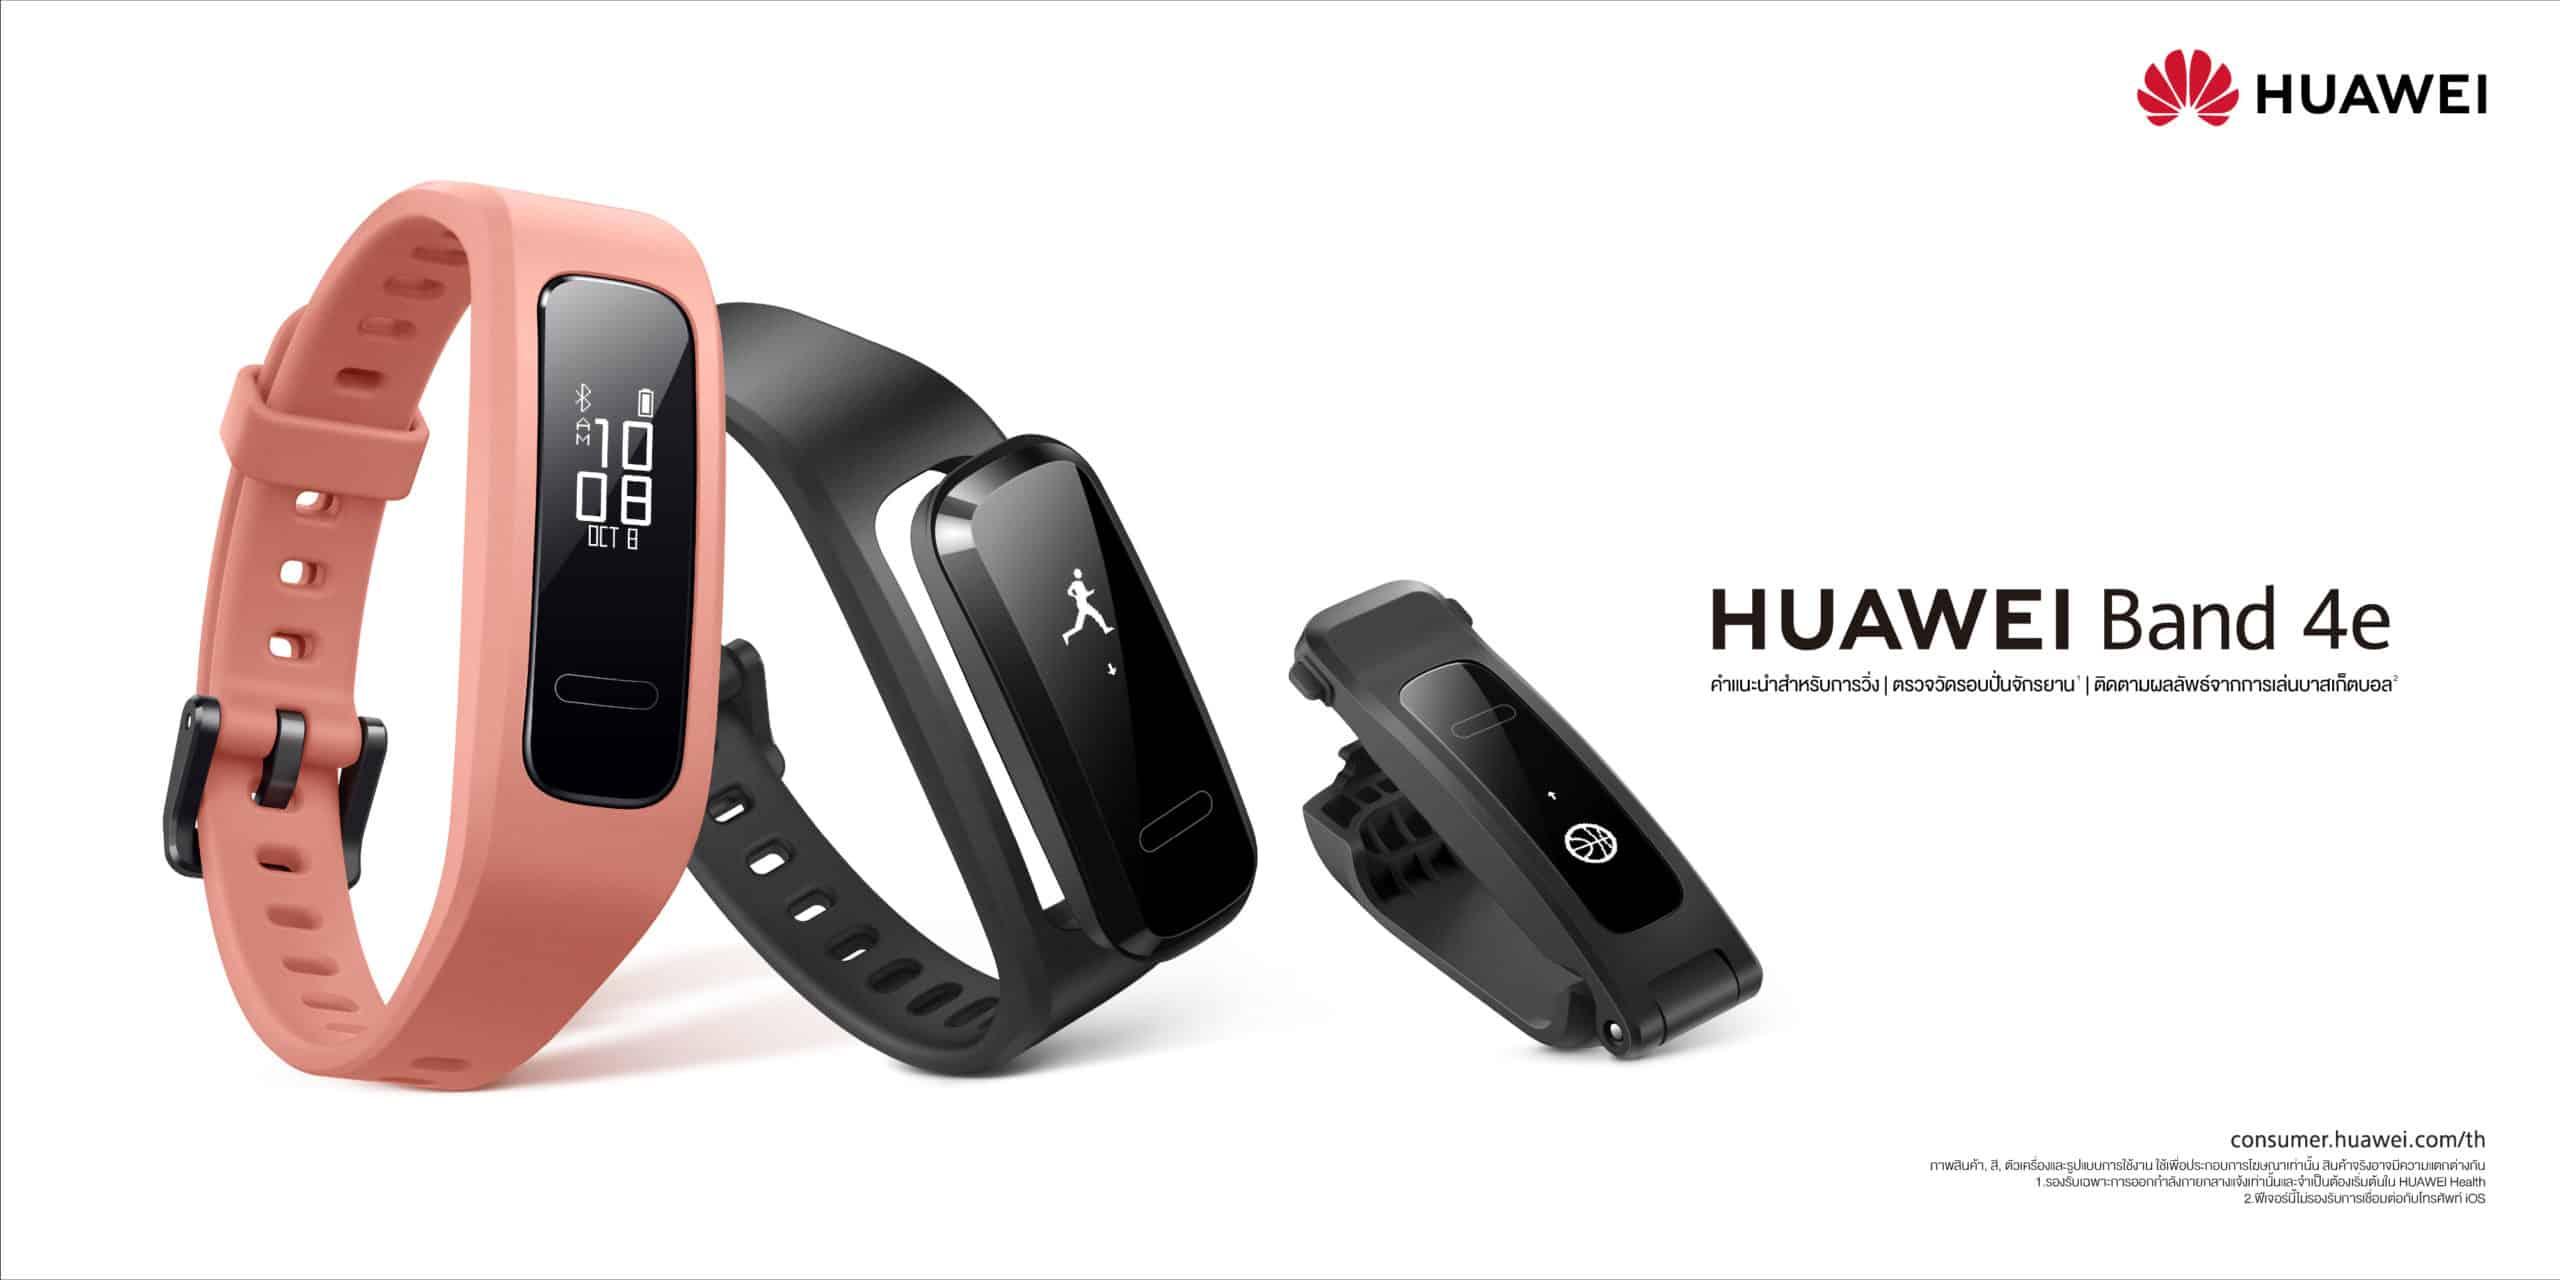 หัวเว่ย ประกาศวางจำหน่าย HUAWEI Band 4e ในประเทศไทยอย่างเป็นทางการในราคาเพียง 799 บาท ทั้งทางเว็บไซต์ HUAWEI Online Store, Shopee และ Lazada